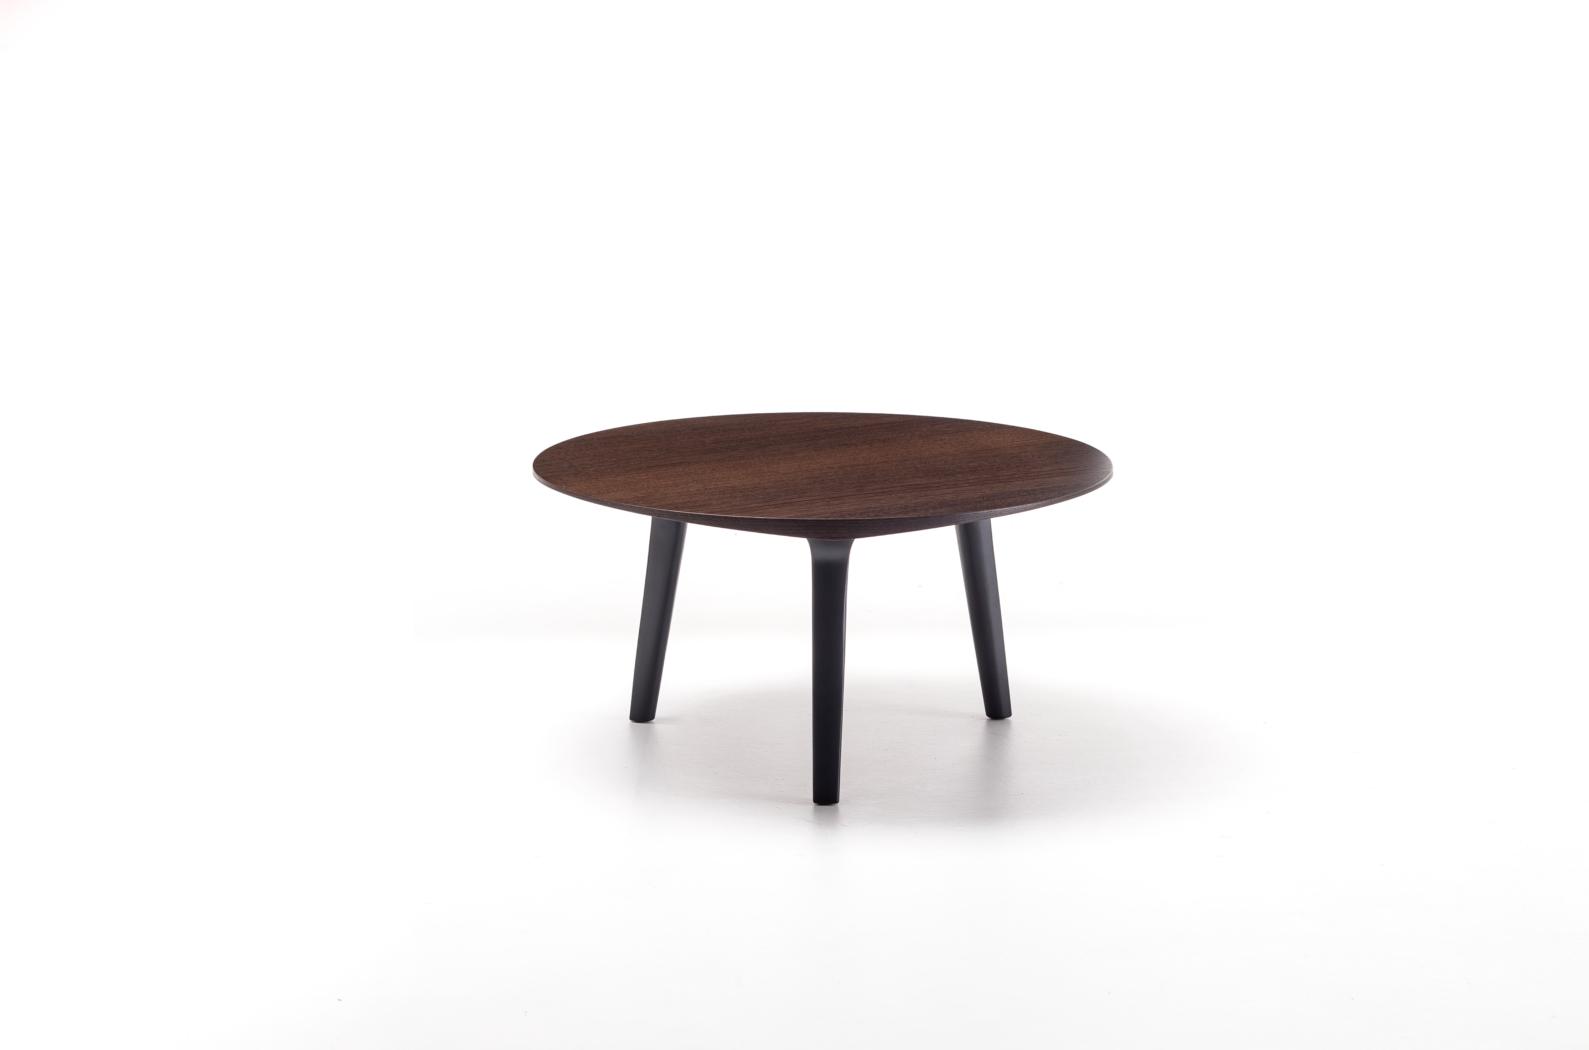 Table basse Ademar Coffee de Bross piètement et plateau en bois teinté